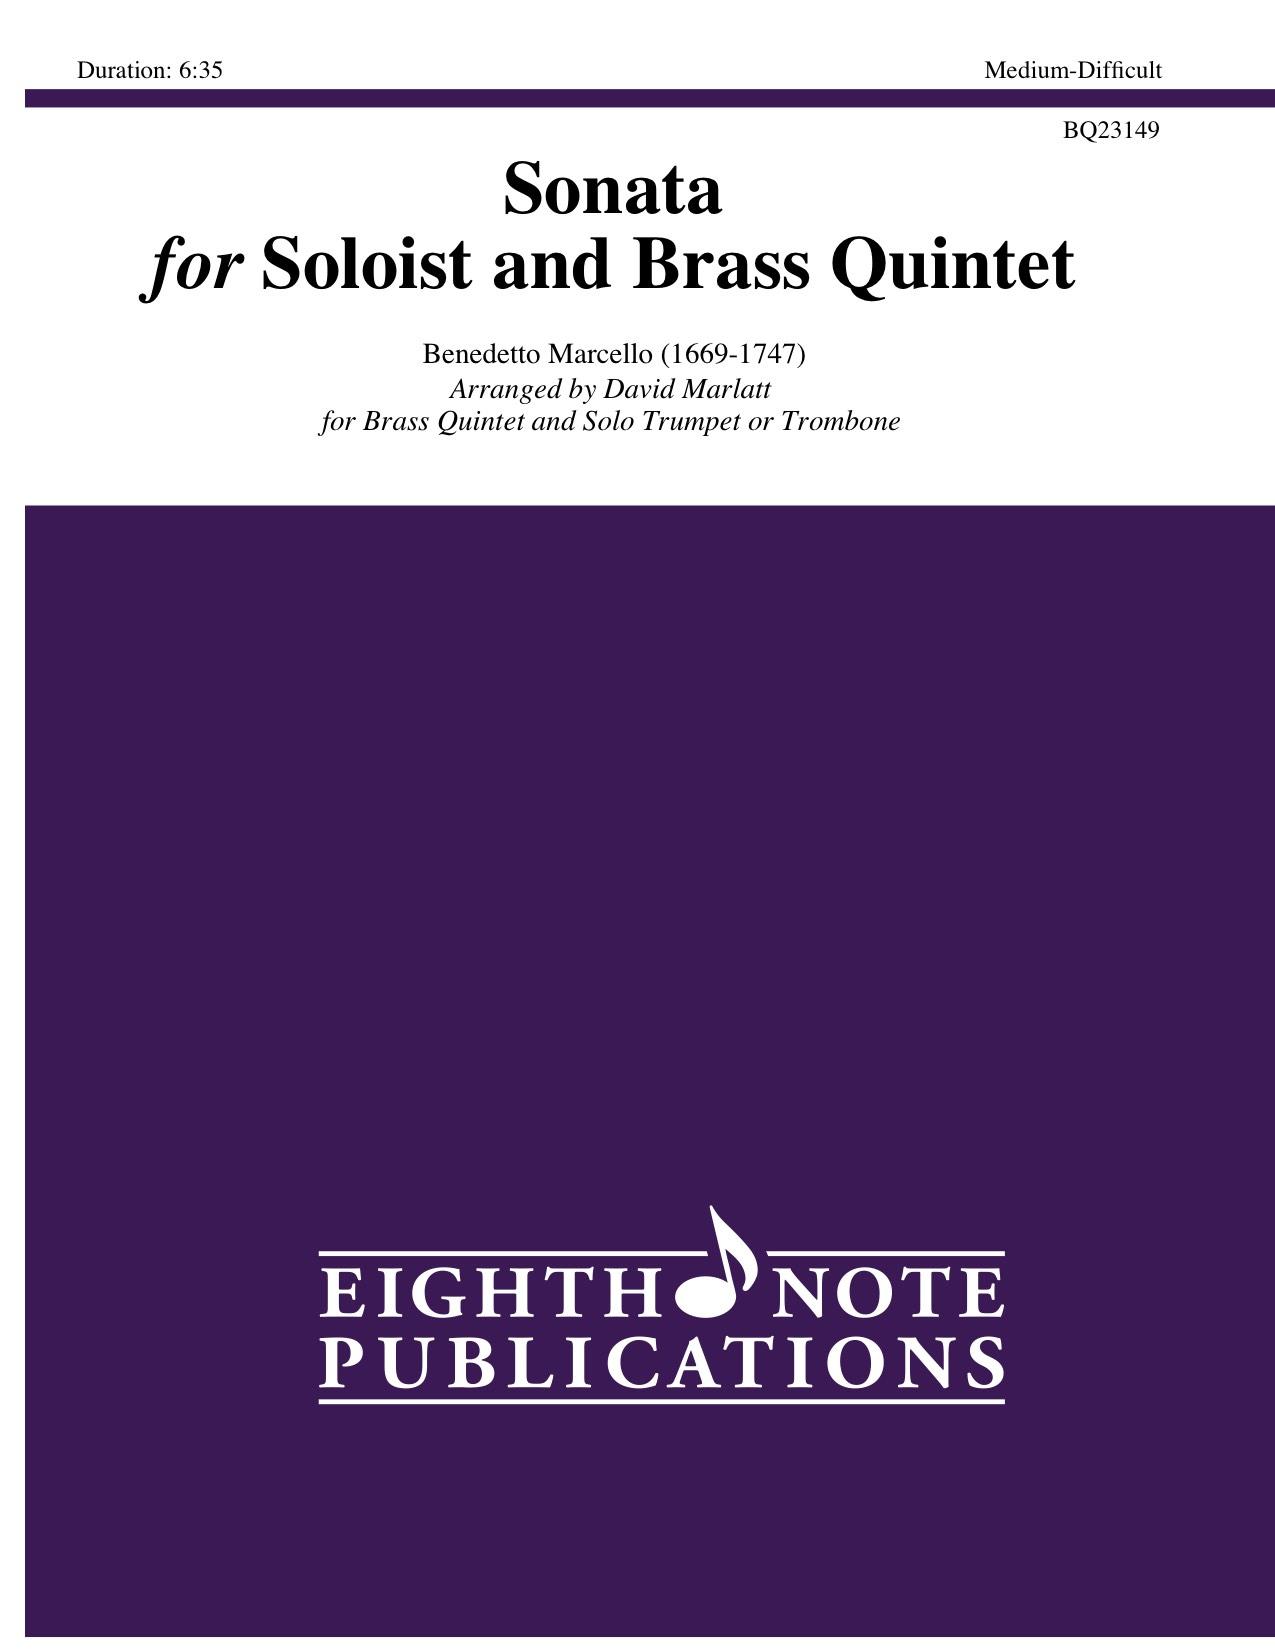 Sonata for Soloist and Brass Quintet - Benedetto Marcello